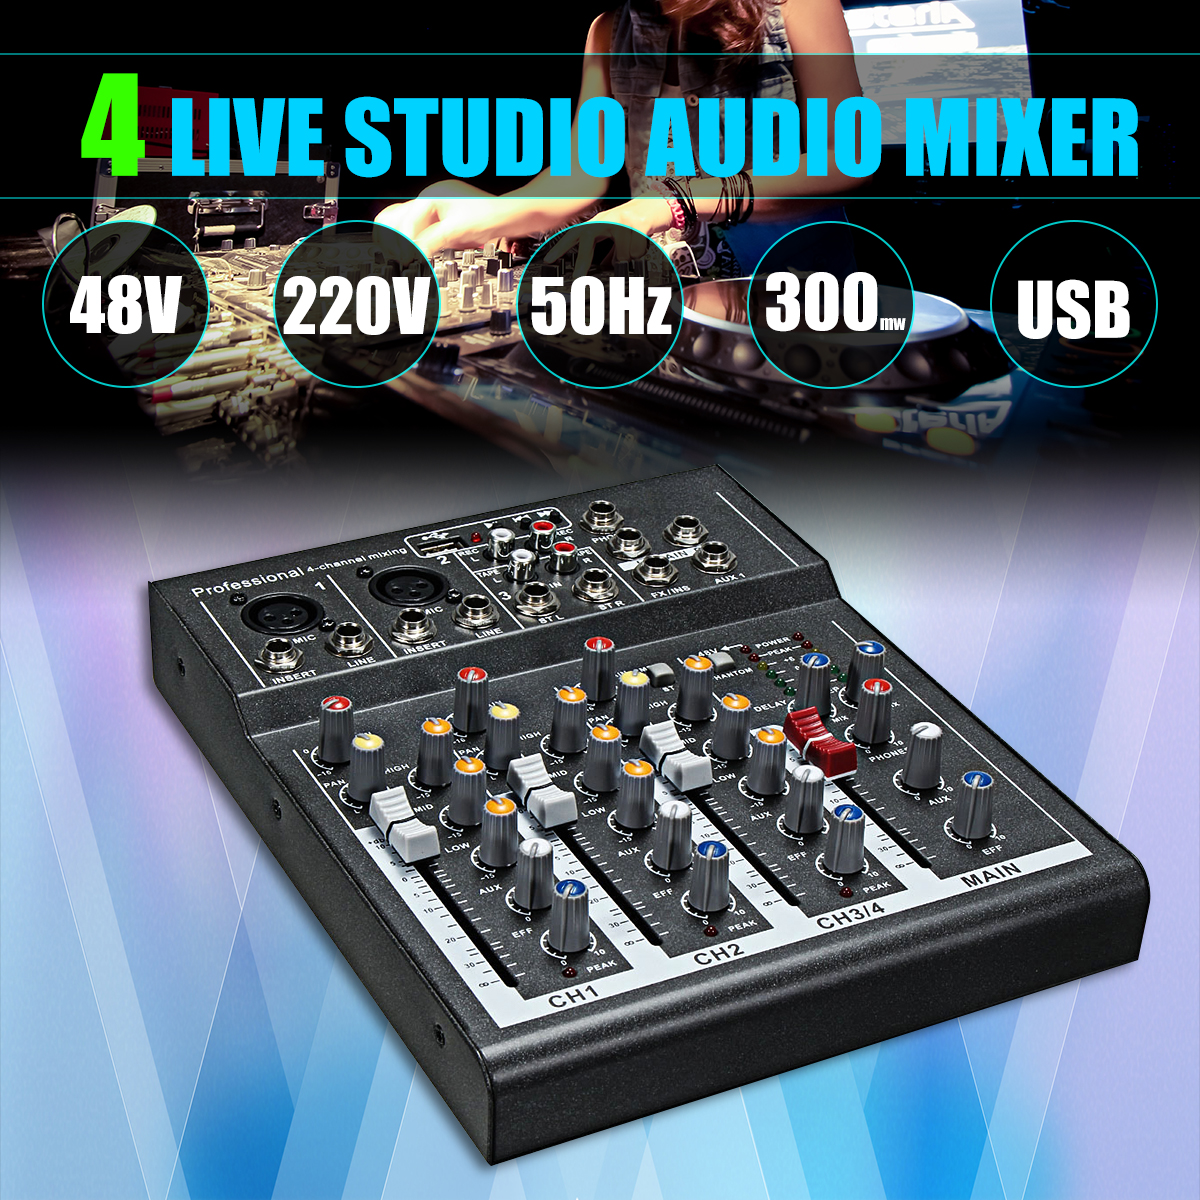 LEORY 4 Misturador de Karaoke Profissional Console De Mixagem De Áudio Amplificador Digital Mini Som do Microfone do Estúdio Do Canal Misturador Placa De Som